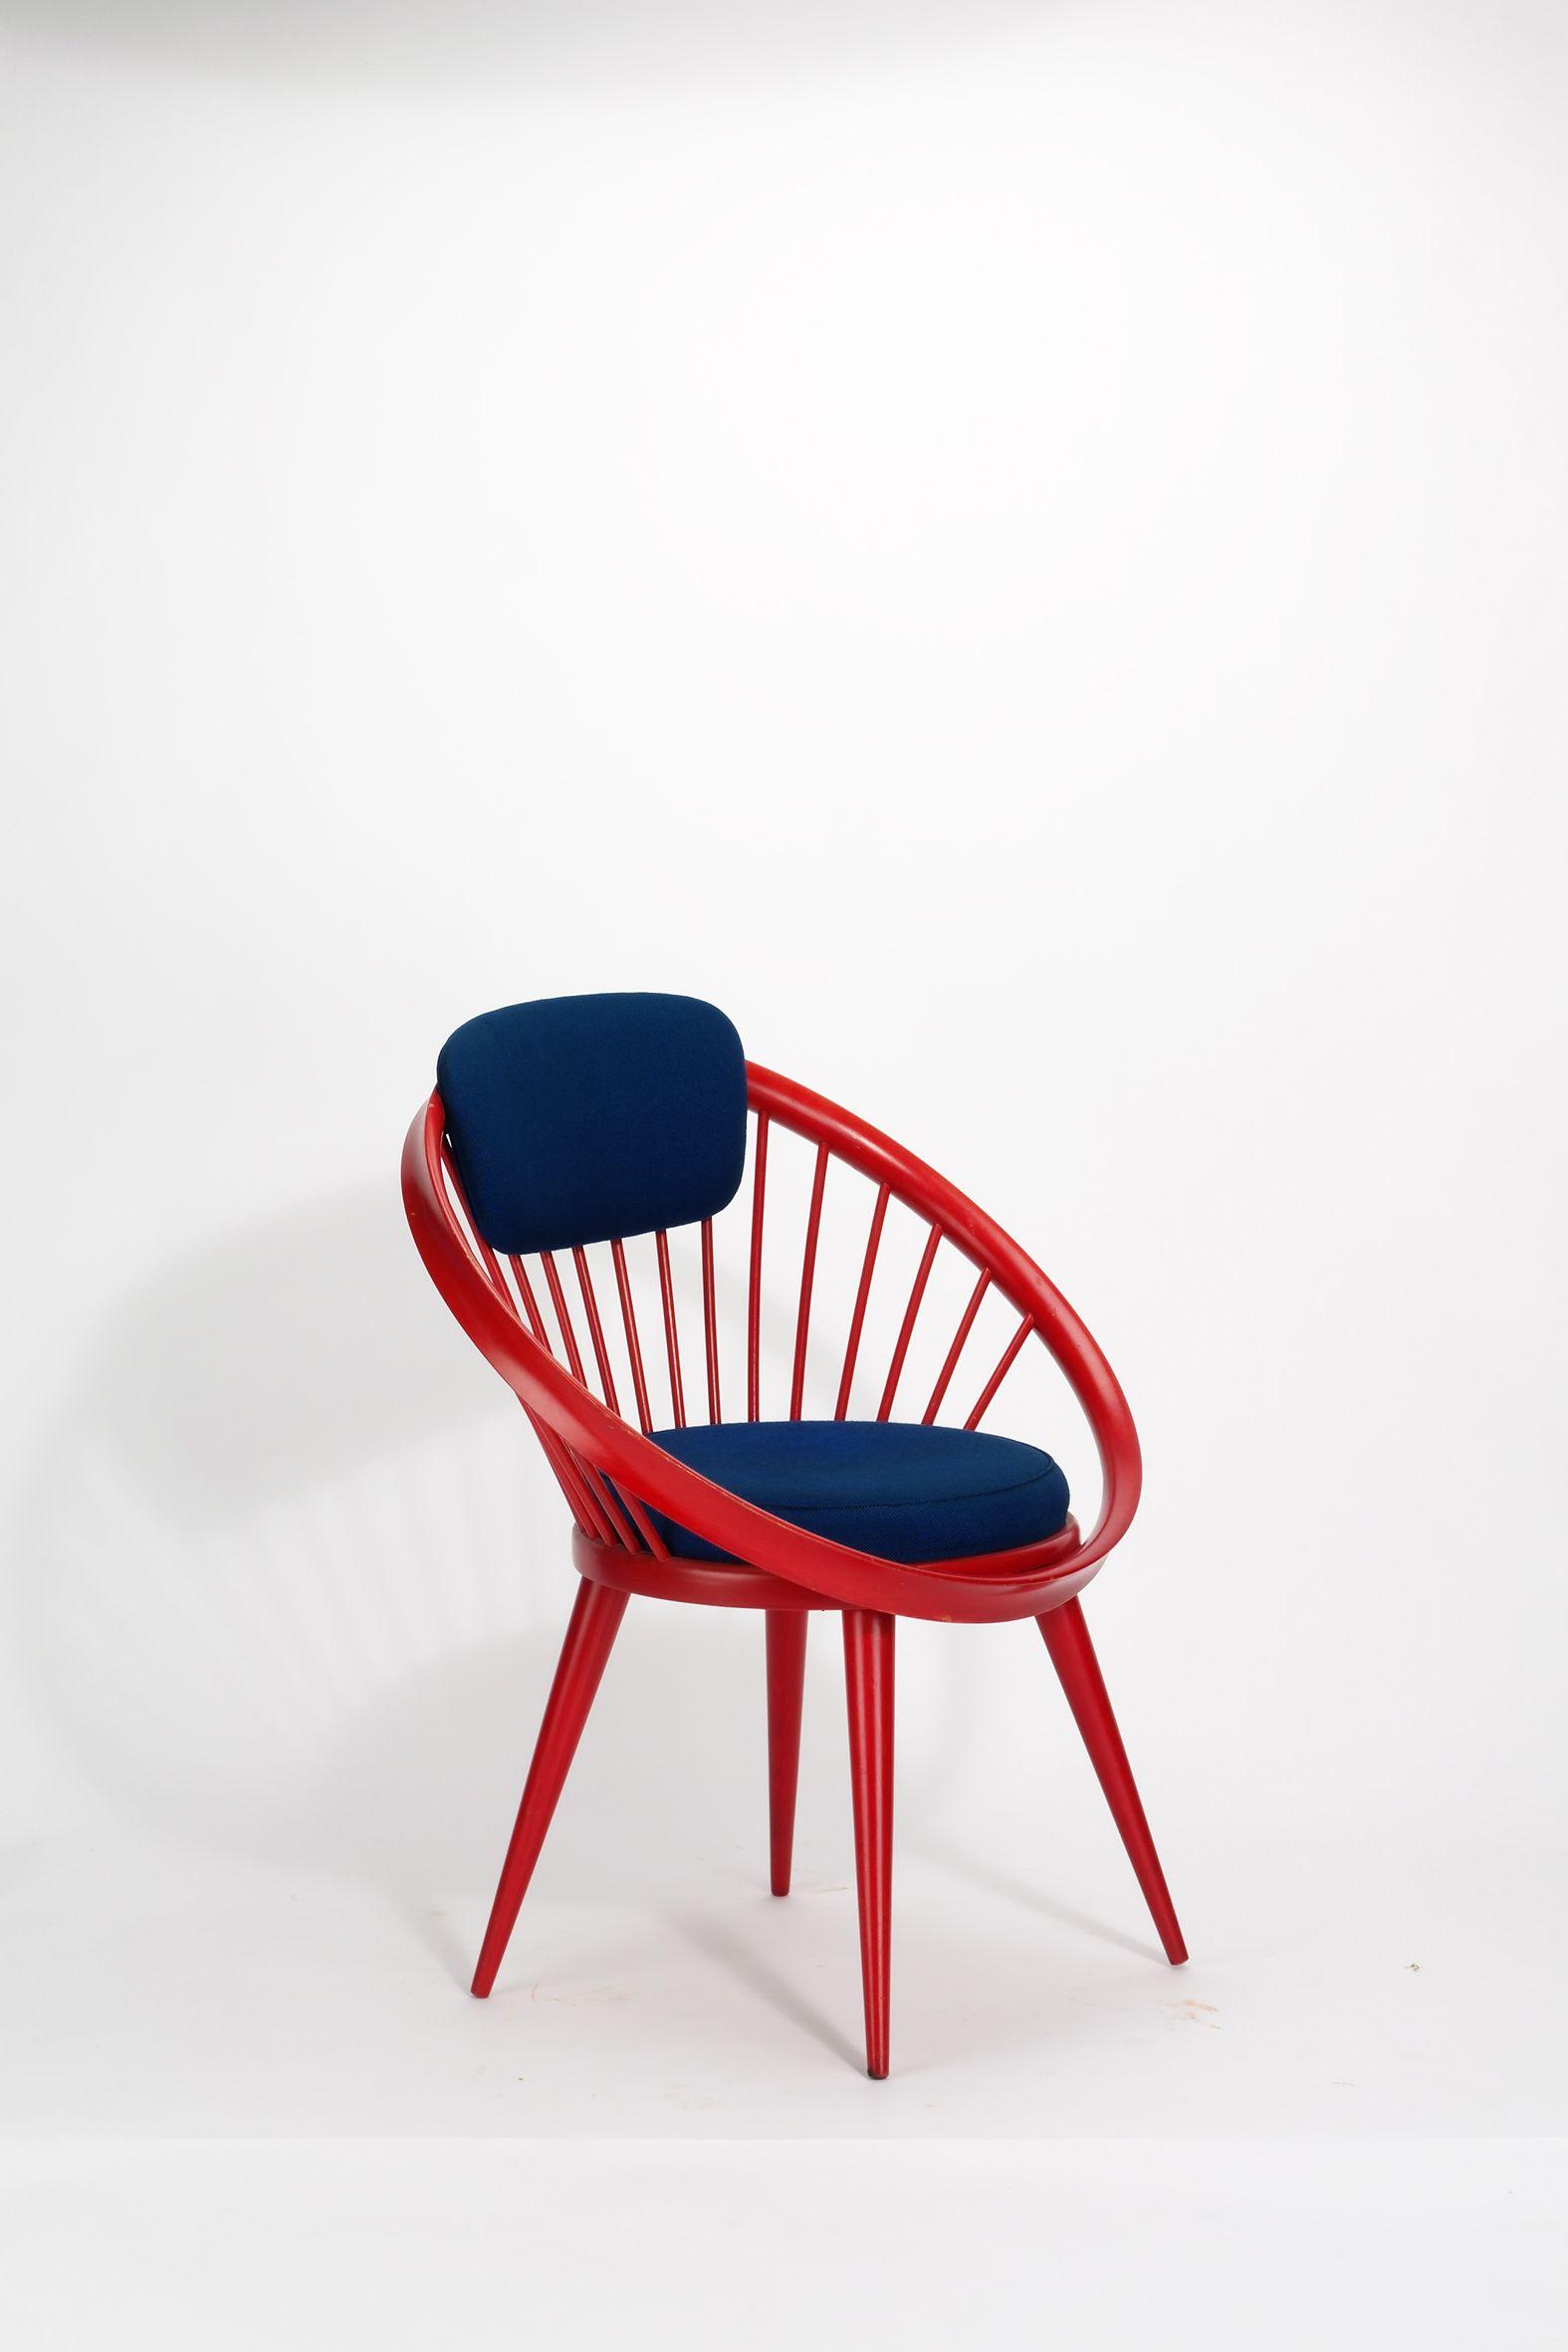 Hervorragend Entwurf Unbekannt, Stuhl (Italien 1960er Jahre)